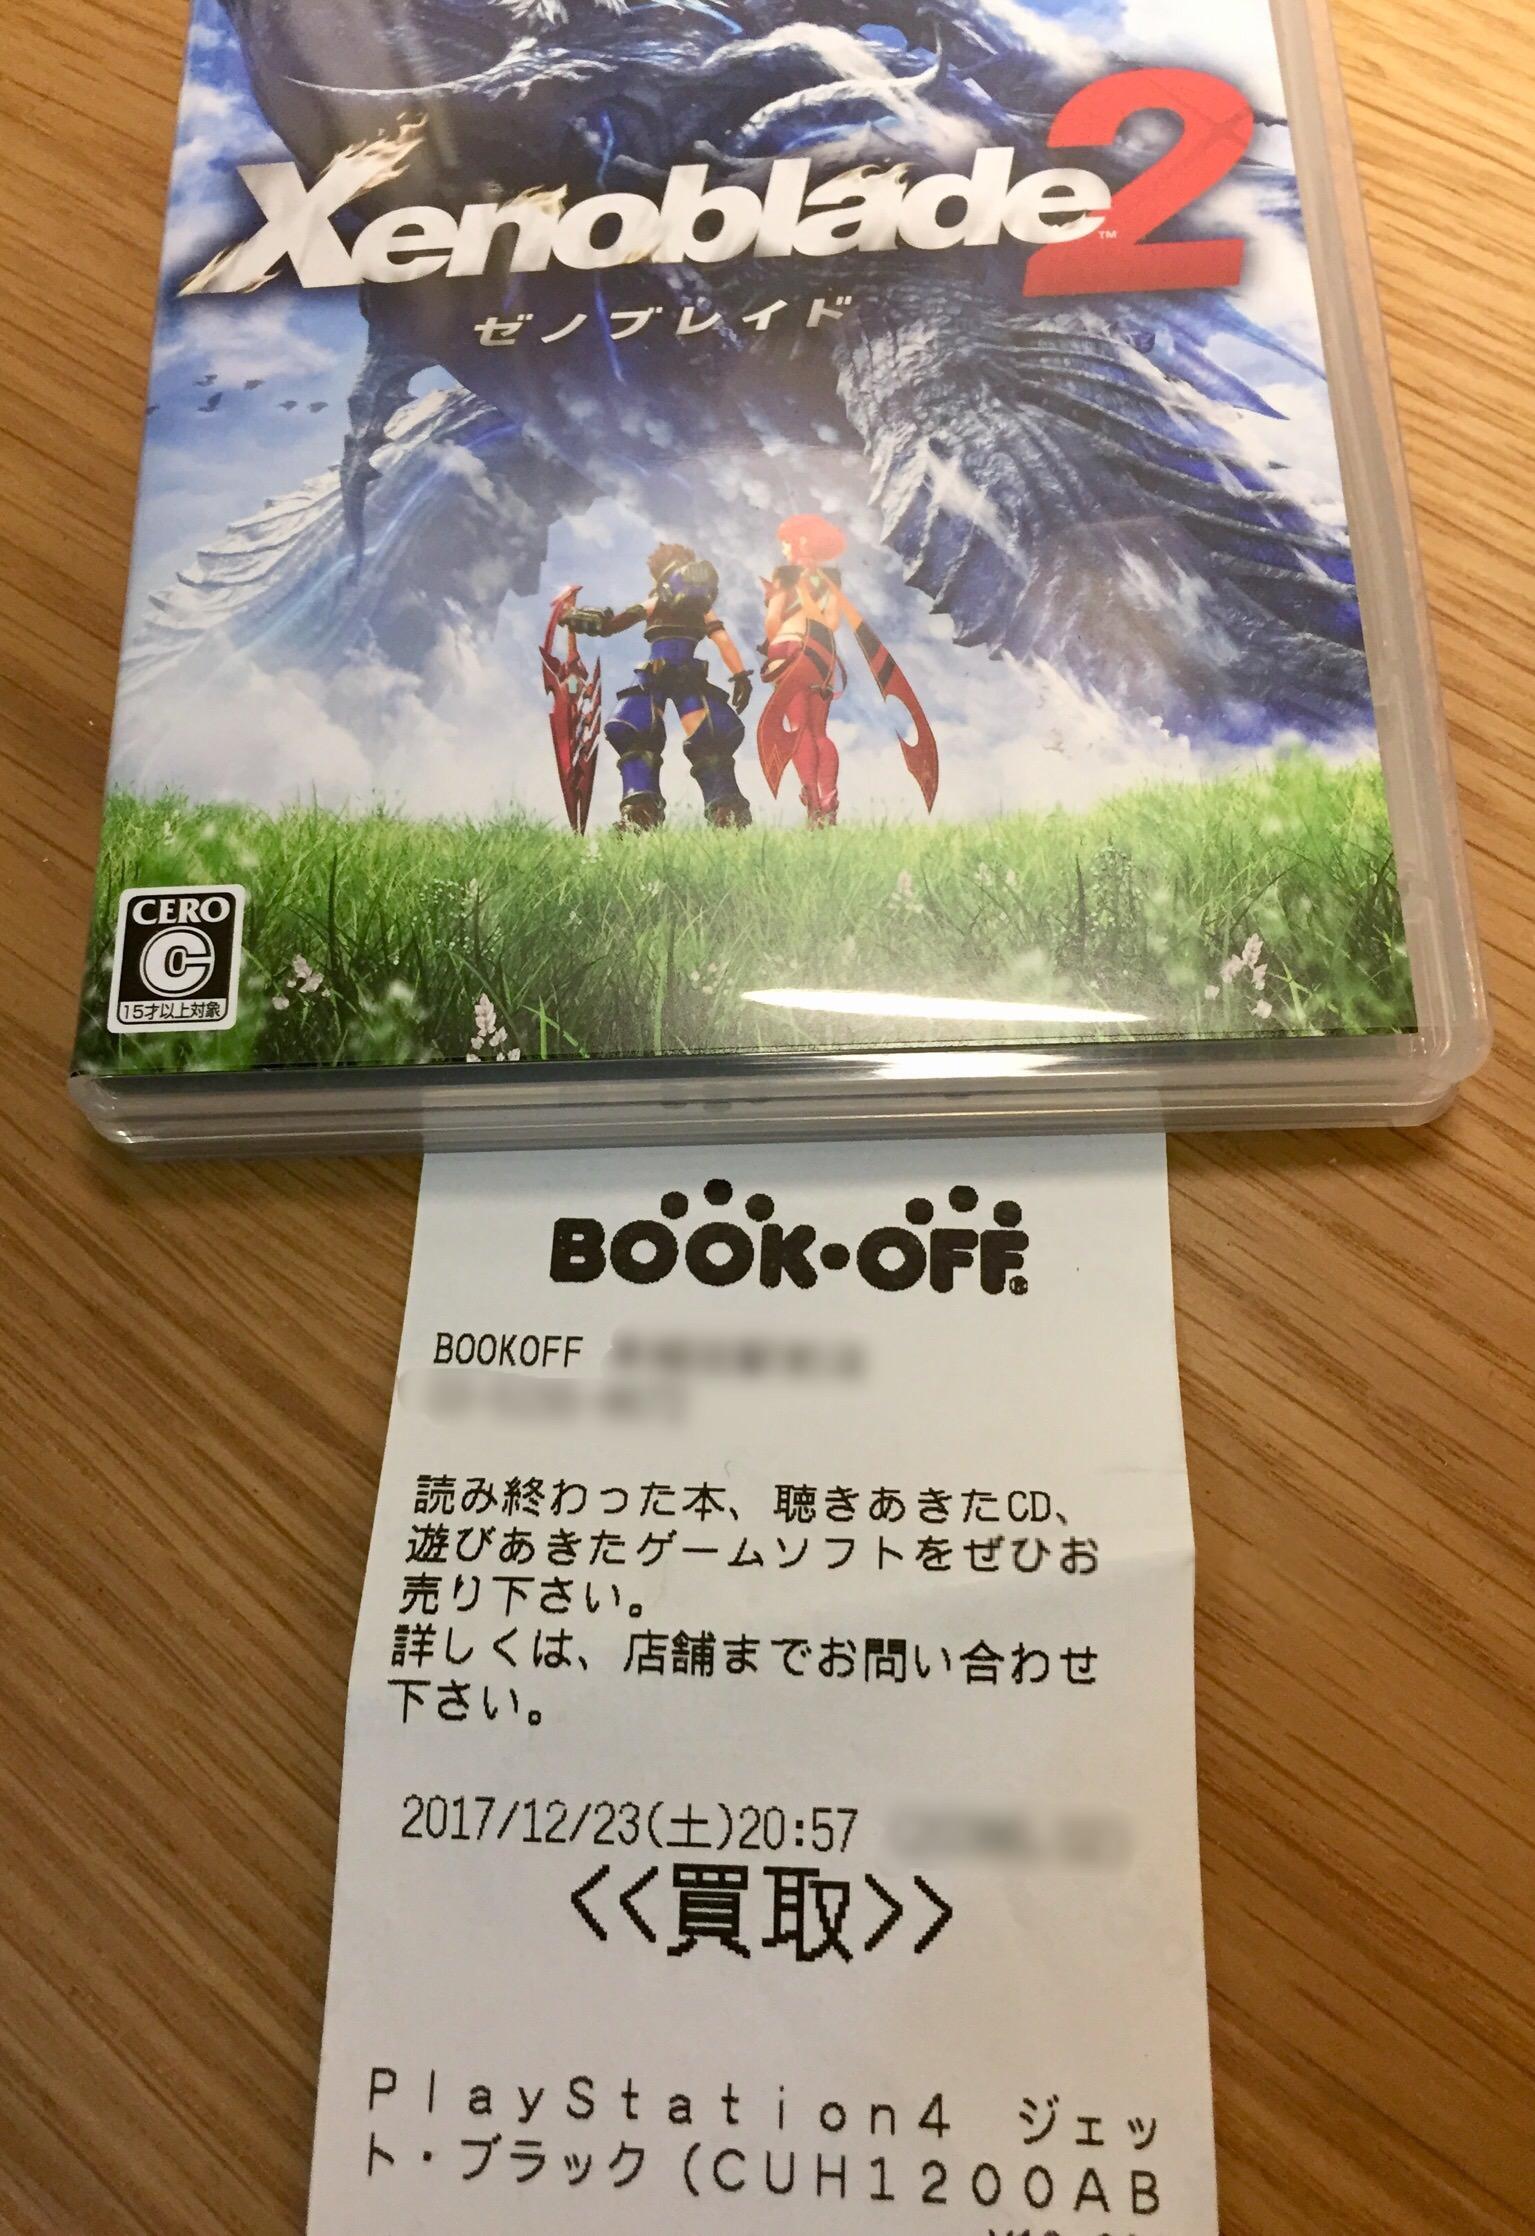 PS4売ってスイッチとゼノブレイド2買ってきた【いらっしゃい】